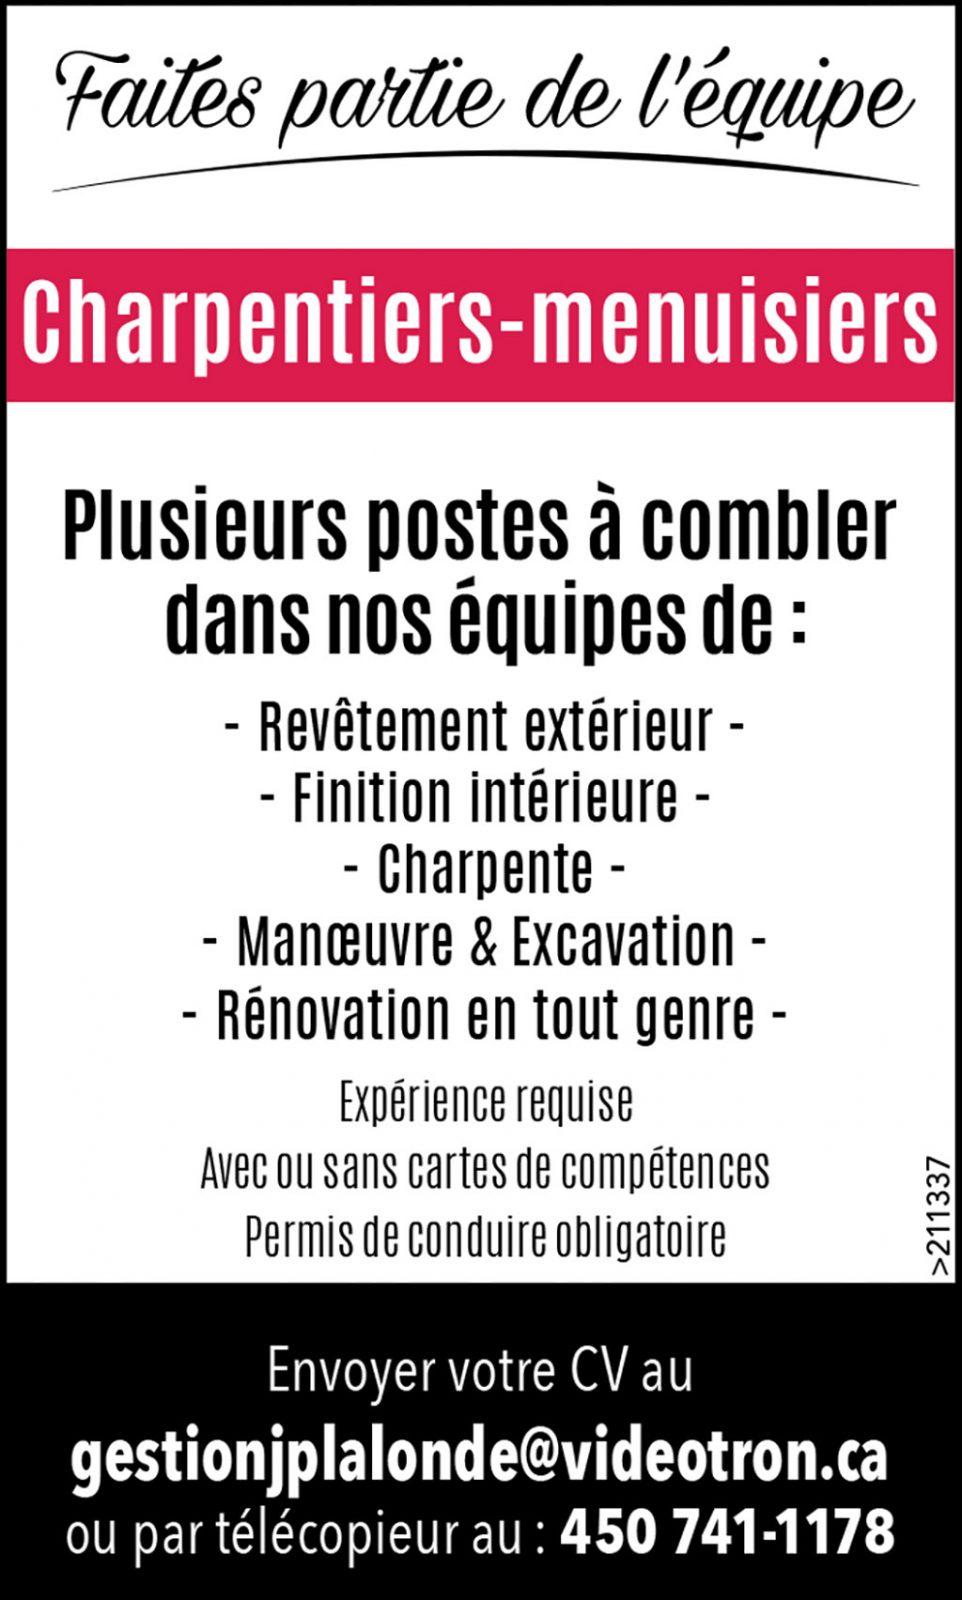 Logo de Charpentiers-menuisiers